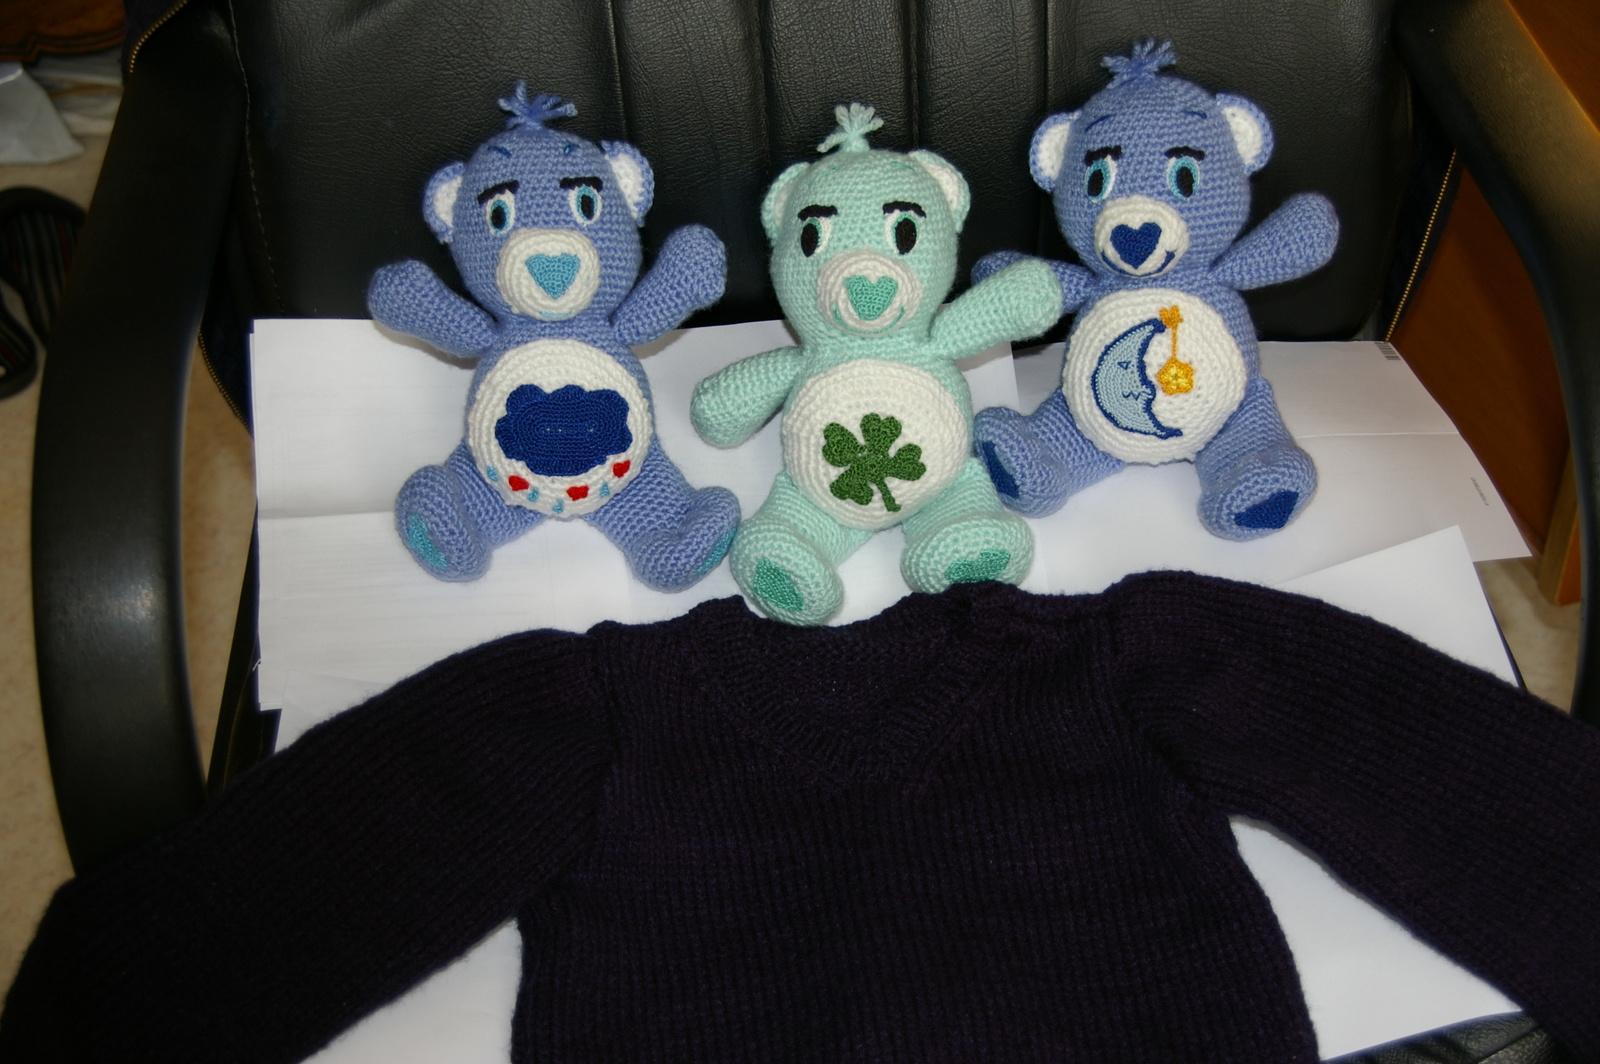 Ici, j'ai mis trois doudous car je ne sais pas si j'envoies deux bleus ou bien un bleu et un vert.